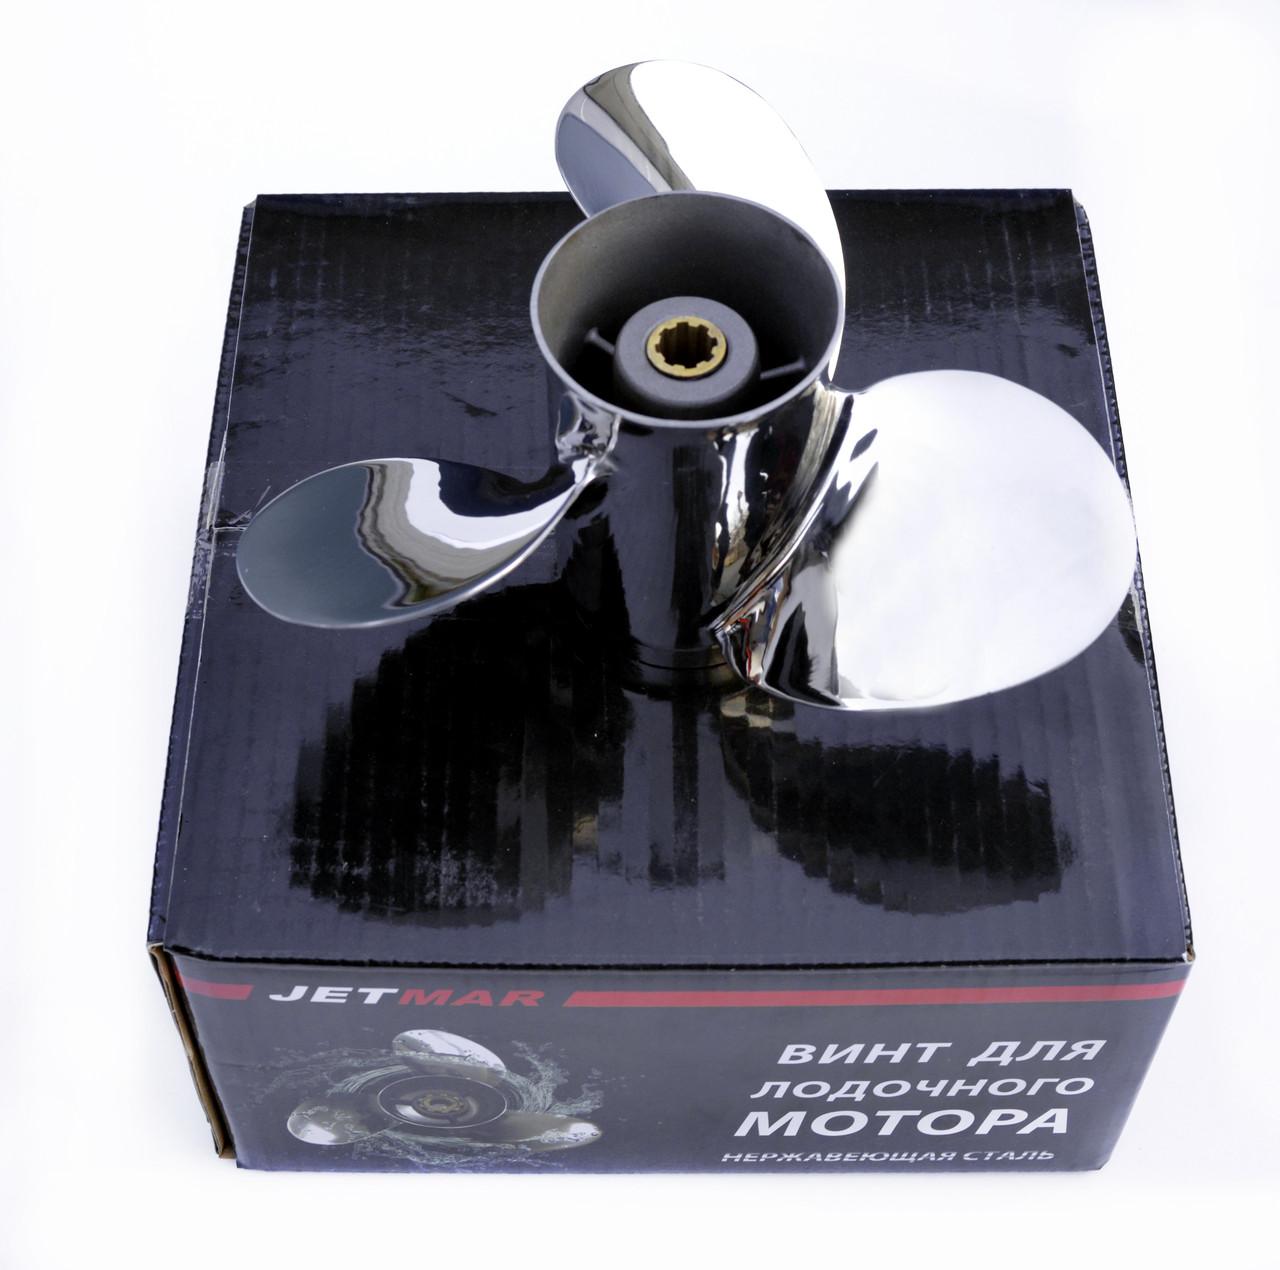 Винт гребной для лодочного мотора Jetmar нержавейка Mercury 135-250 hp